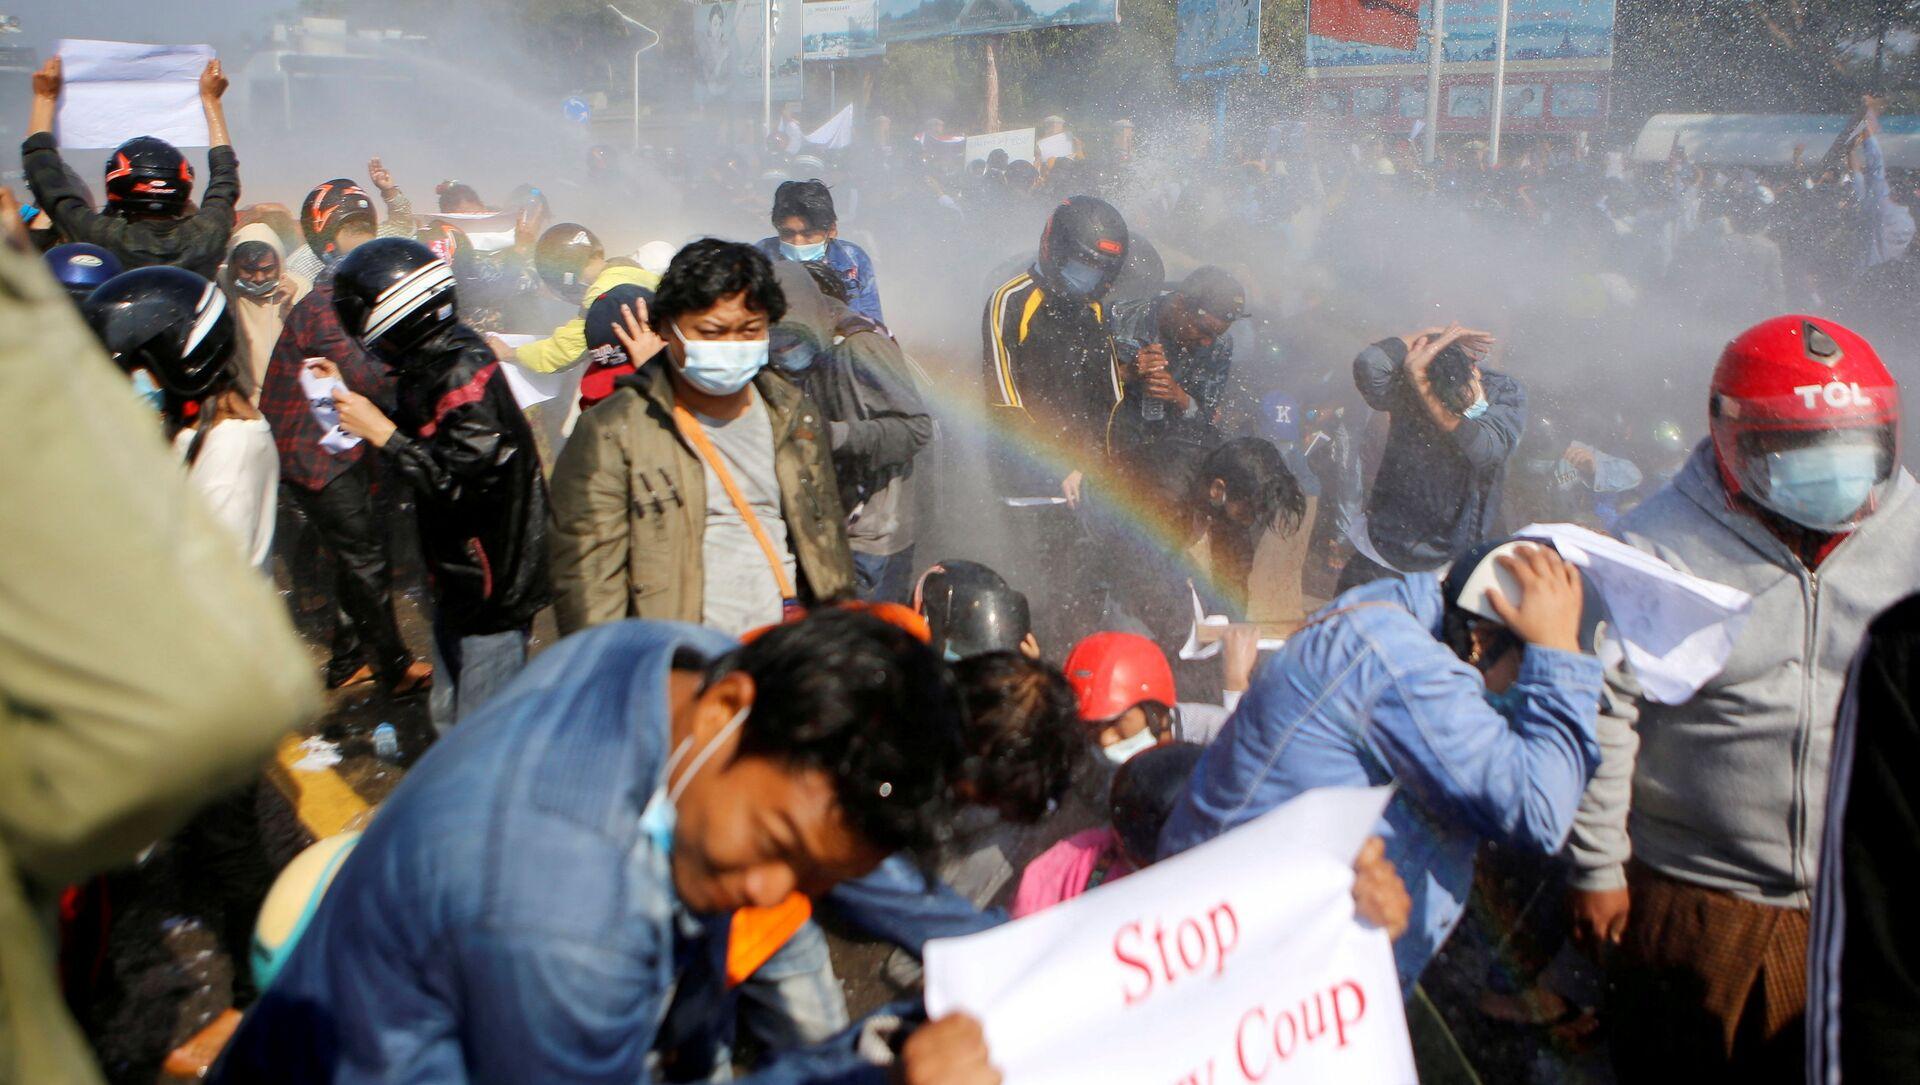 Полиция стреляет из водомета по демонстрантам, выступающим против военного переворота, в Нейпьито, Мьянма - Sputnik Italia, 1920, 28.02.2021